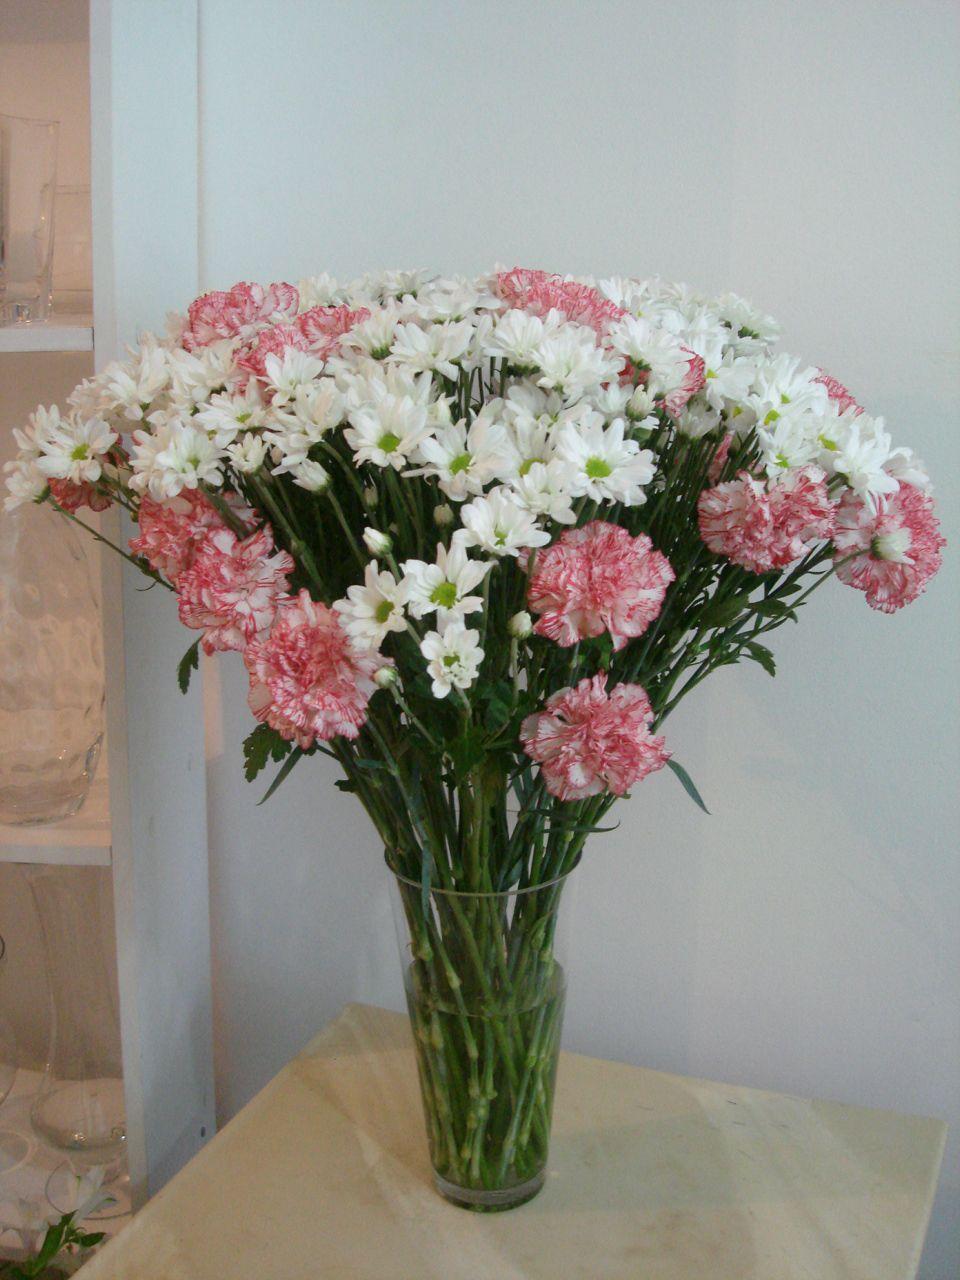 df84815cd 99- Suntuoso vaso de Margaridas brancas e Cravos cor de rosa 80x65 ...